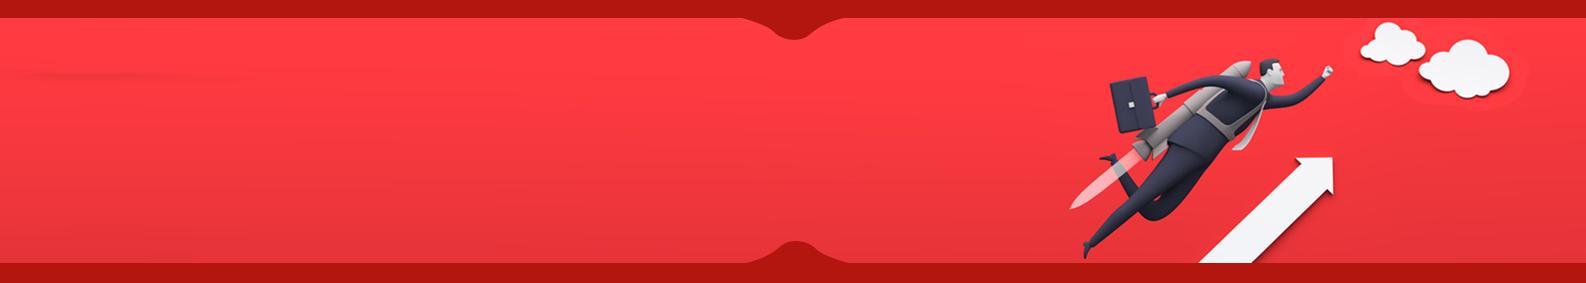 bandeau-un-groupe-perenne